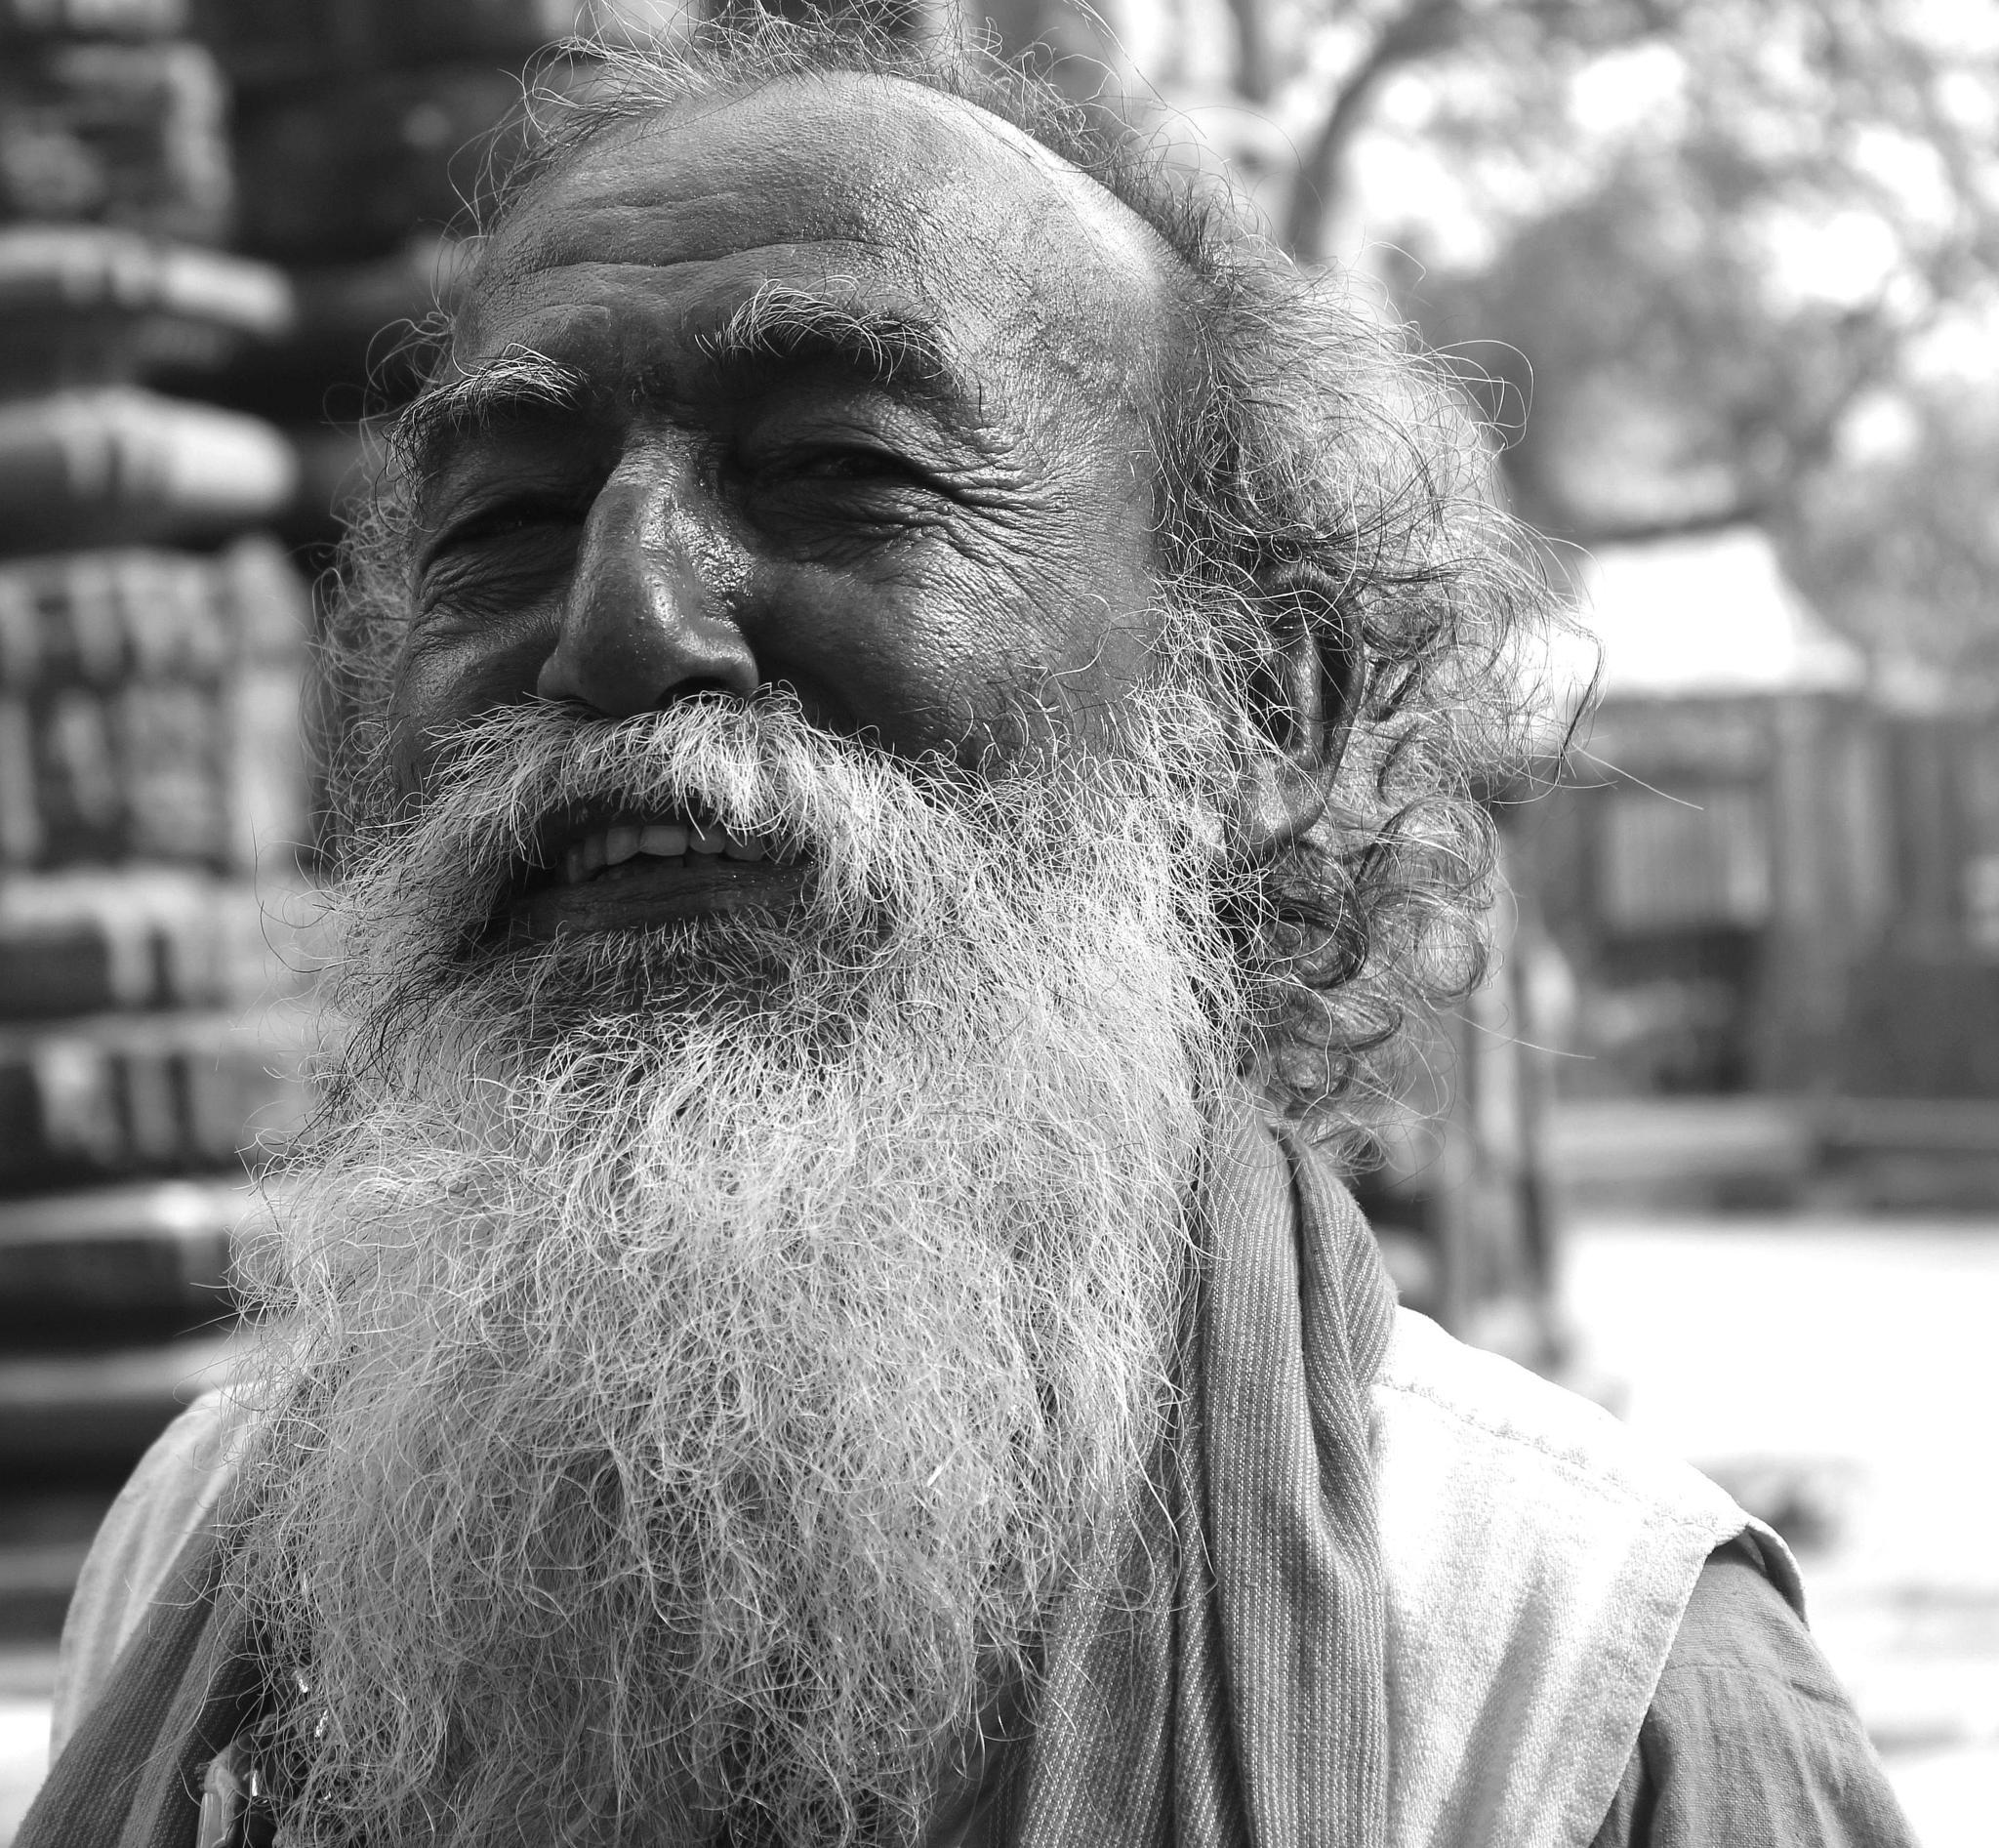 Old Man by Vivek Tavate